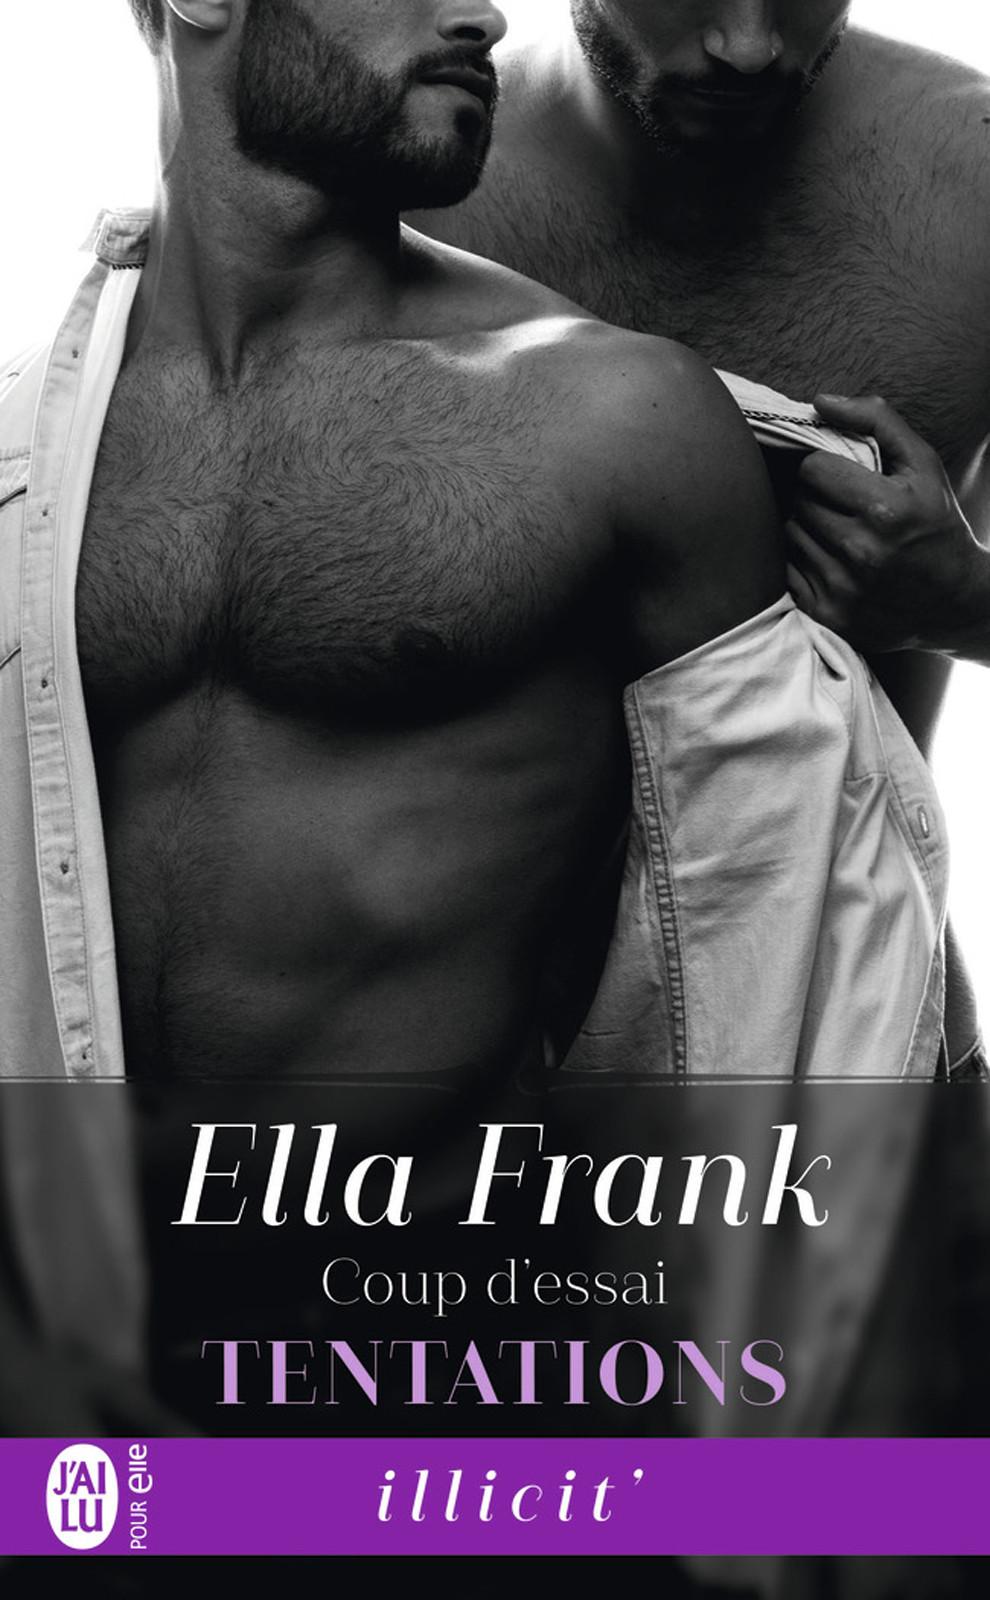 frank - FRANK Ella - TENTATIONS - Tome 1 : Coup d'Essai Tentat10